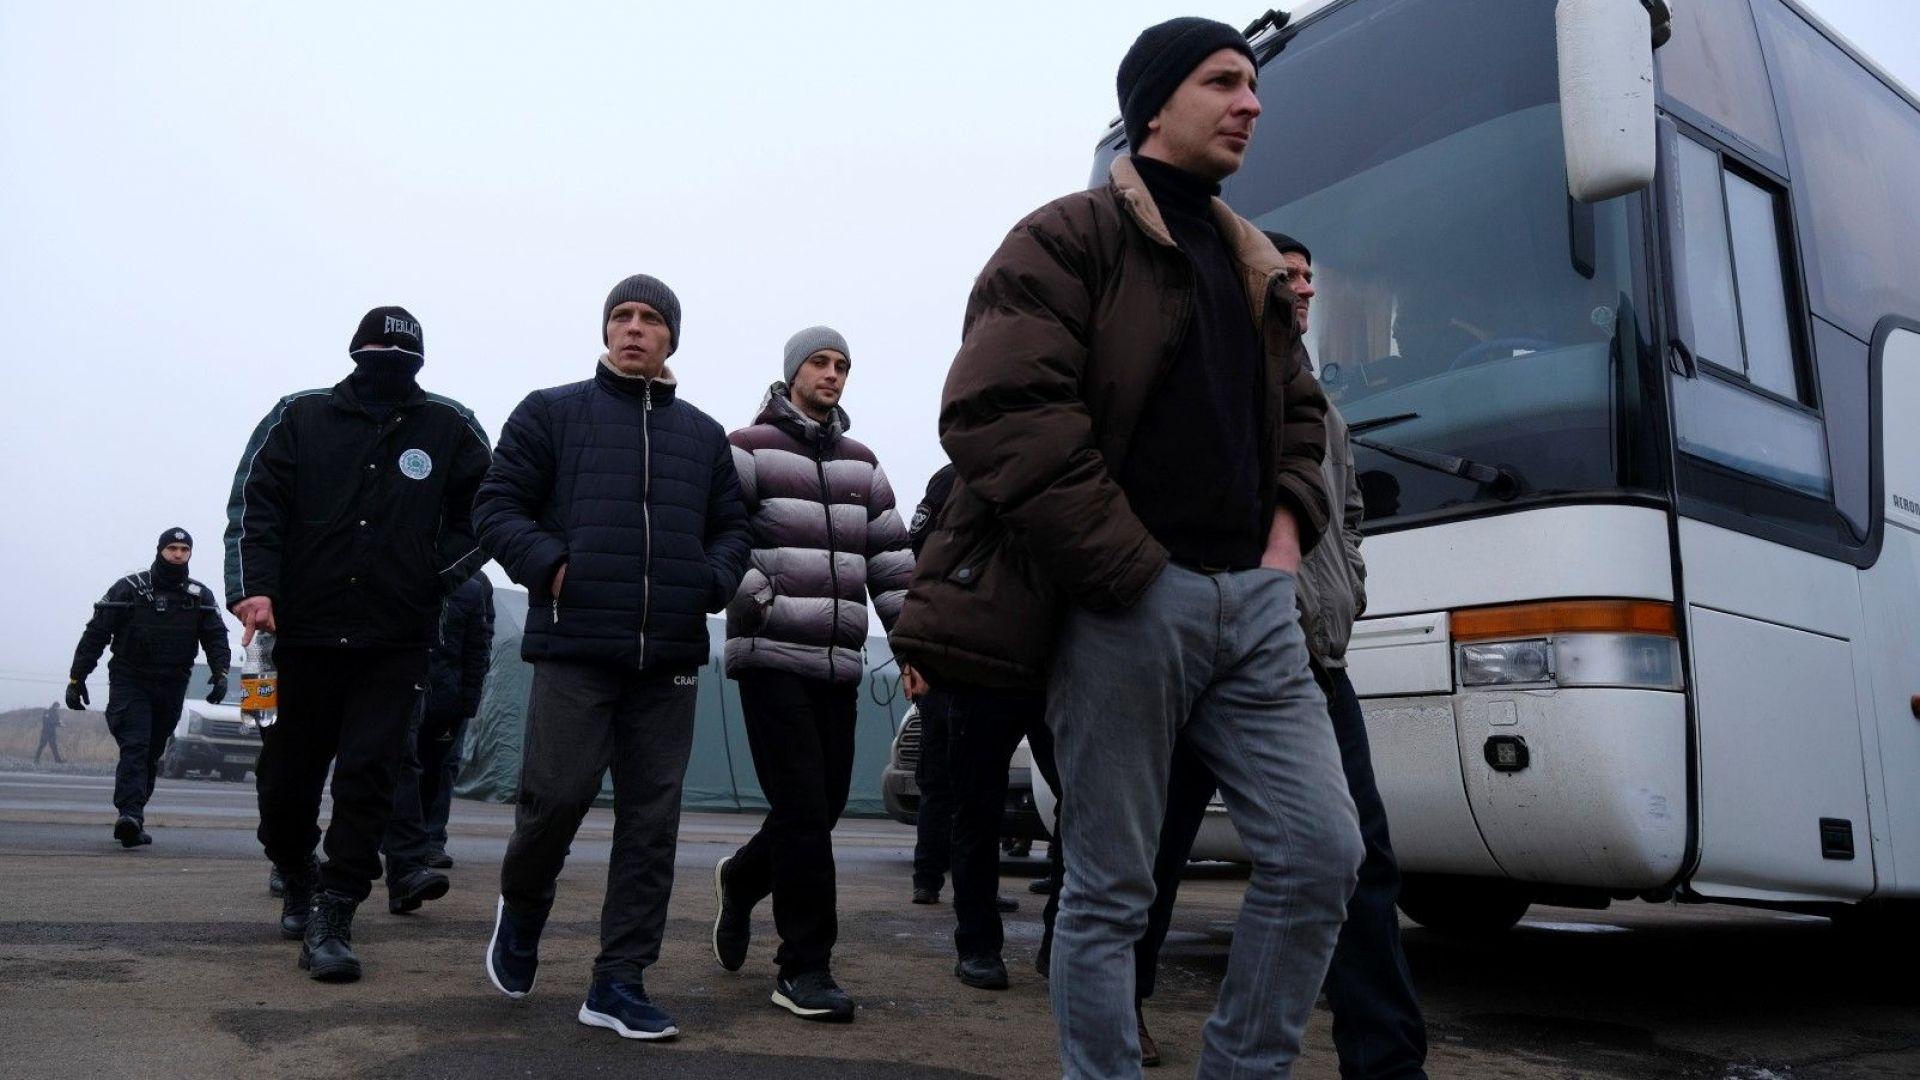 Украинската страна обяви за завършен процесът по размяна на задържани